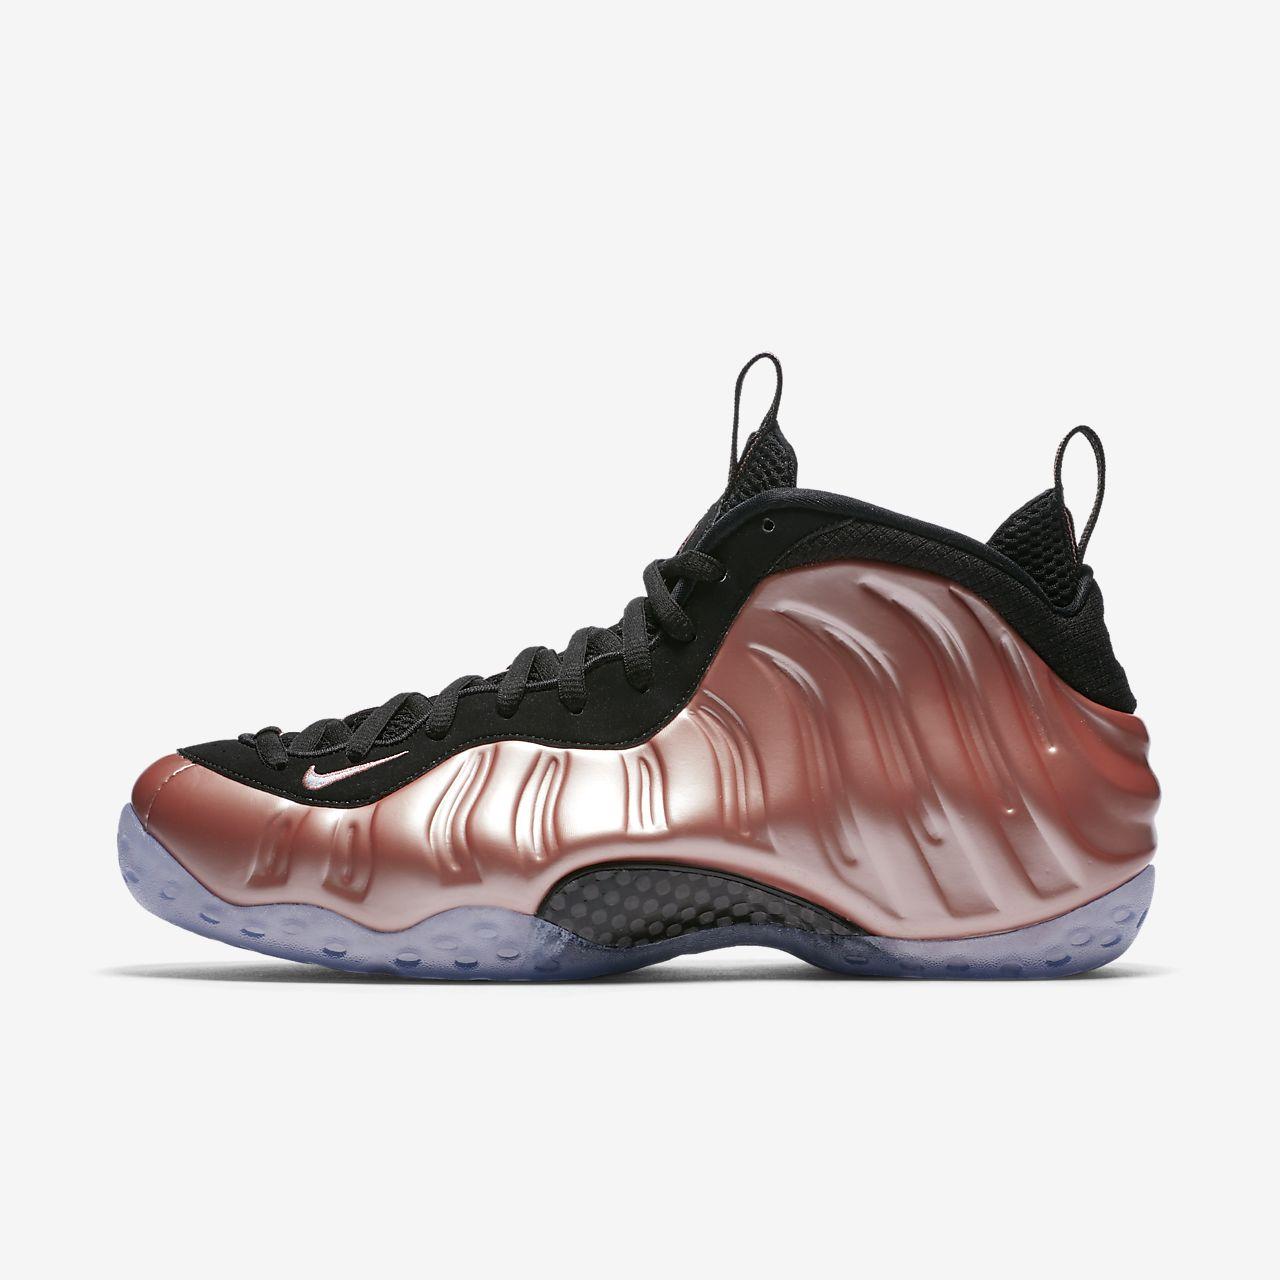 ... Nike Air Foamposite One Men's Shoe